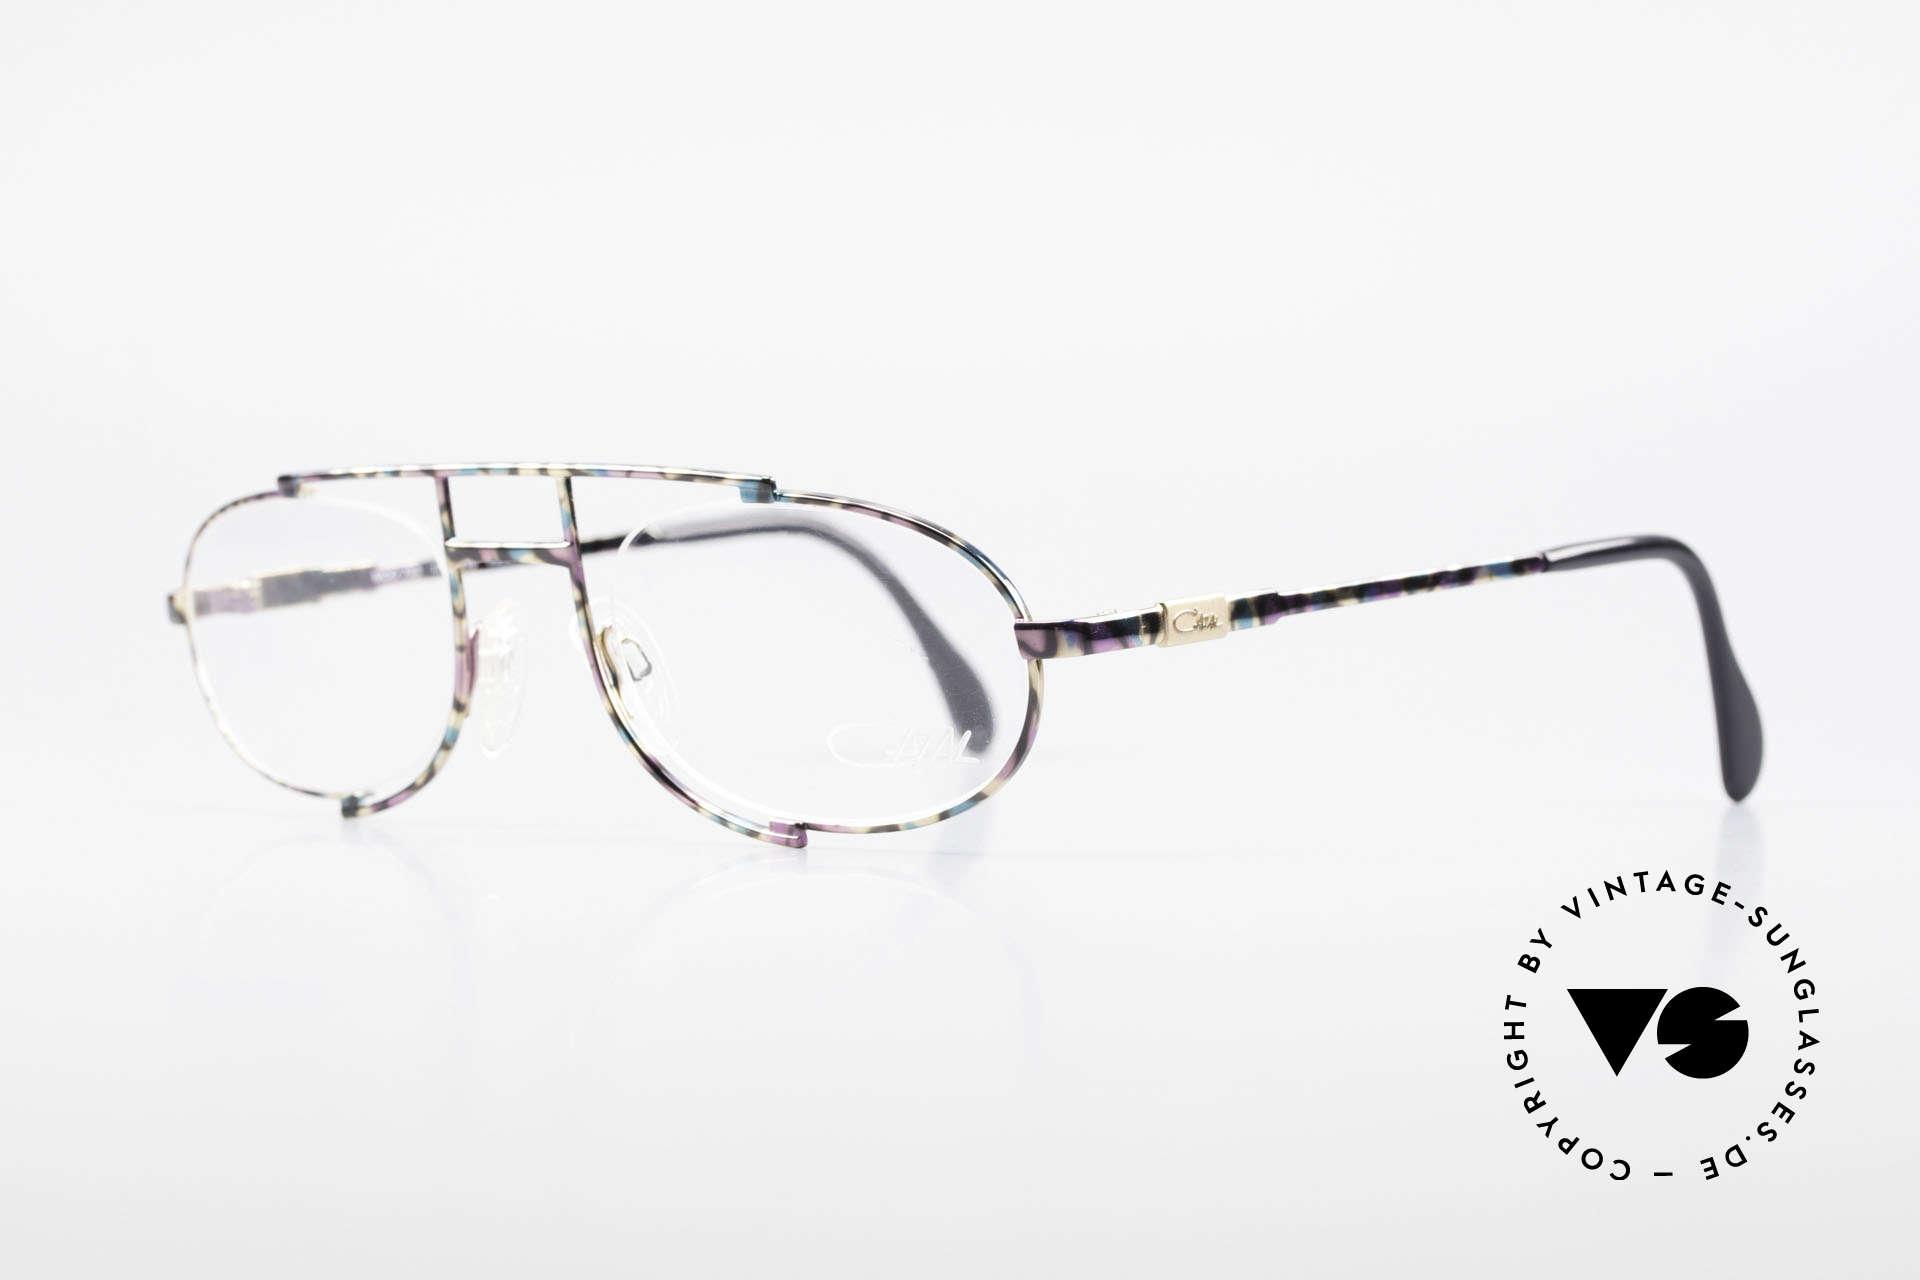 Cazal 753 Rare 90's Designer Eyeglasses, a true eye-catcher designed by Mr. CAri ZALloni, Made for Men